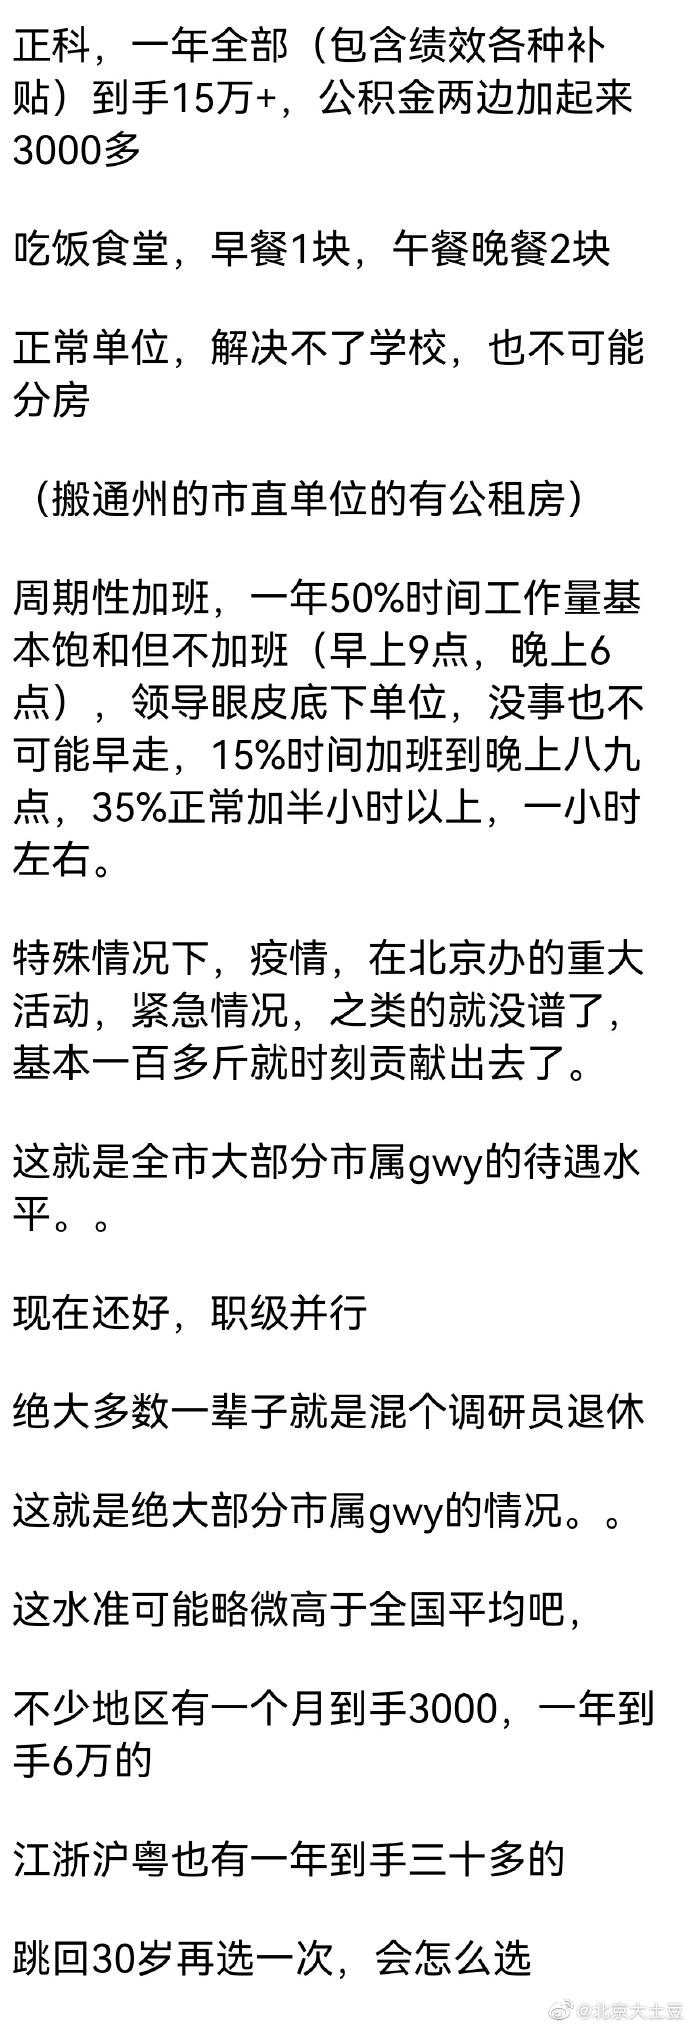 北京市公务员待遇,再选一次,你选不选? 